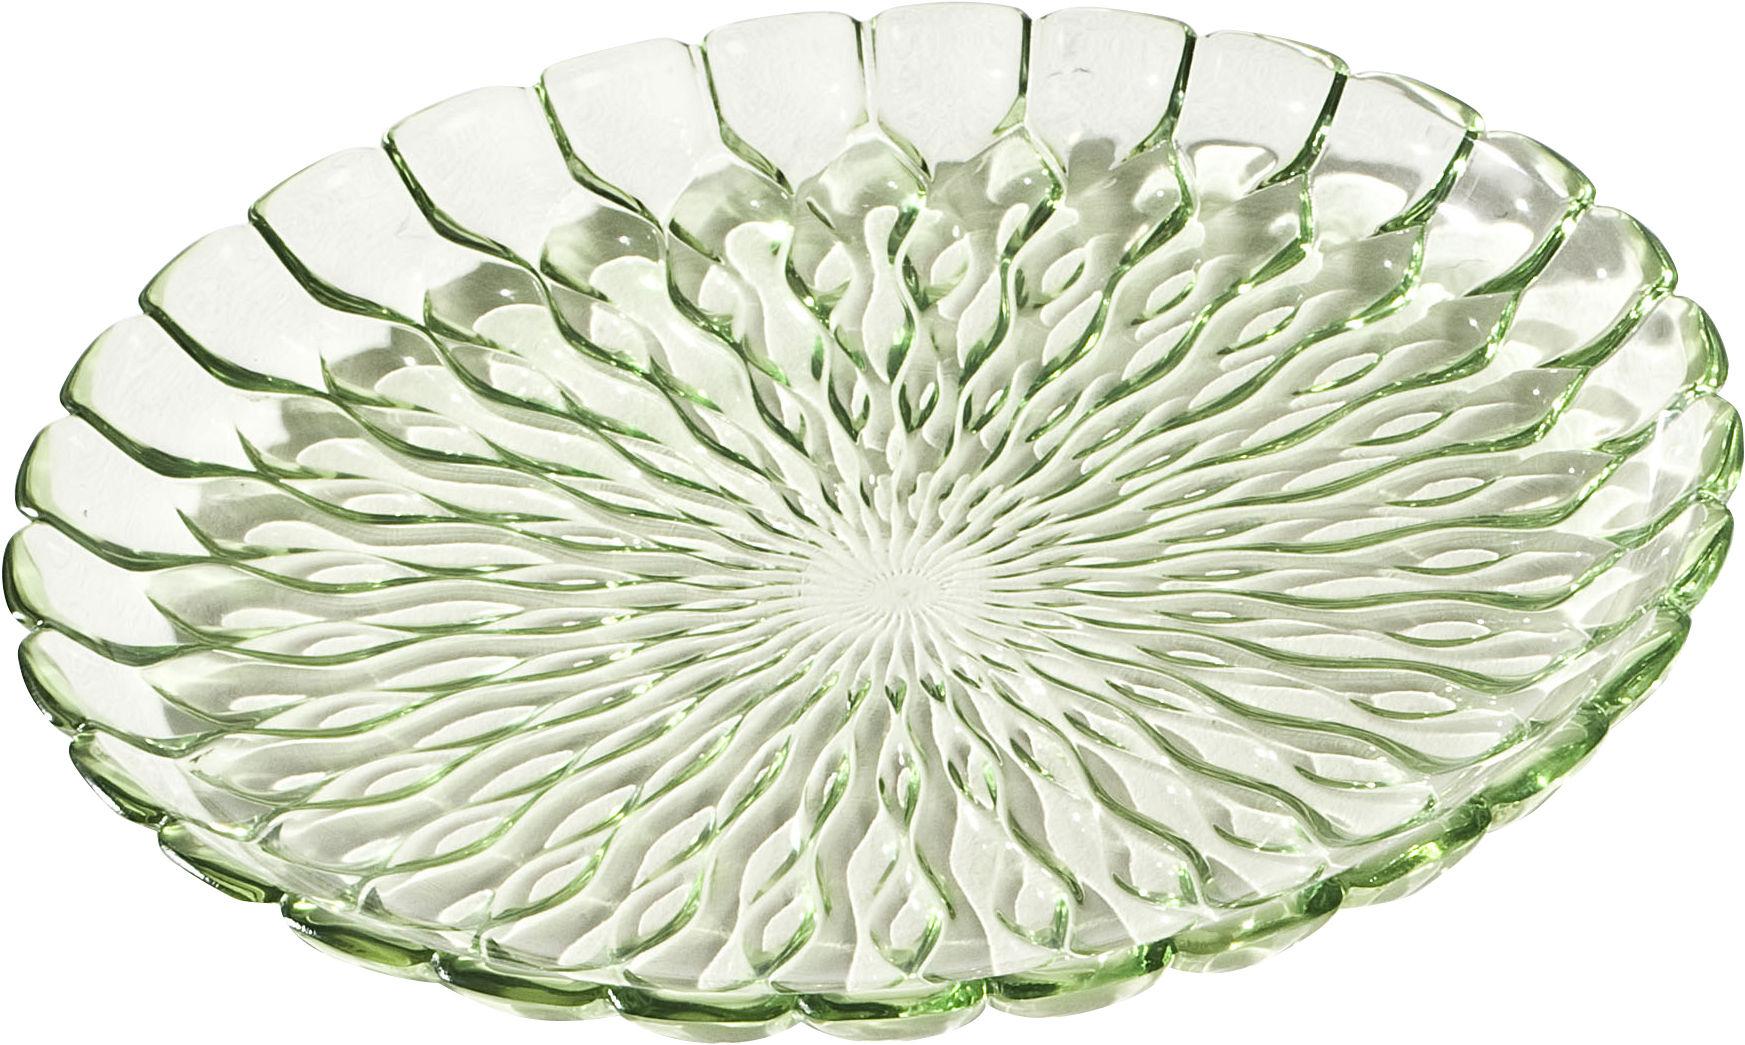 Arts de la table - Assiettes - Plat Jelly /Centre de table - Ø 45 cm - Kartell - Vert transparent - PMMA